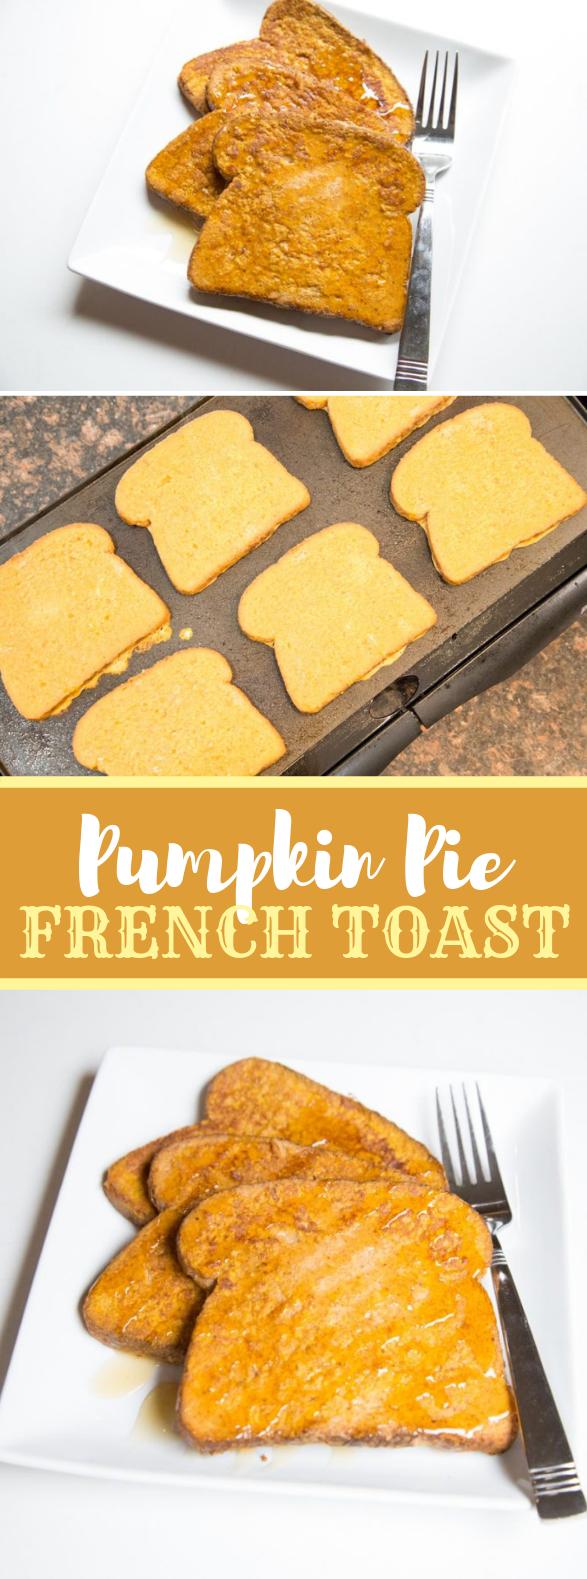 Pumpkin Pie French Toast #dinner #lunch